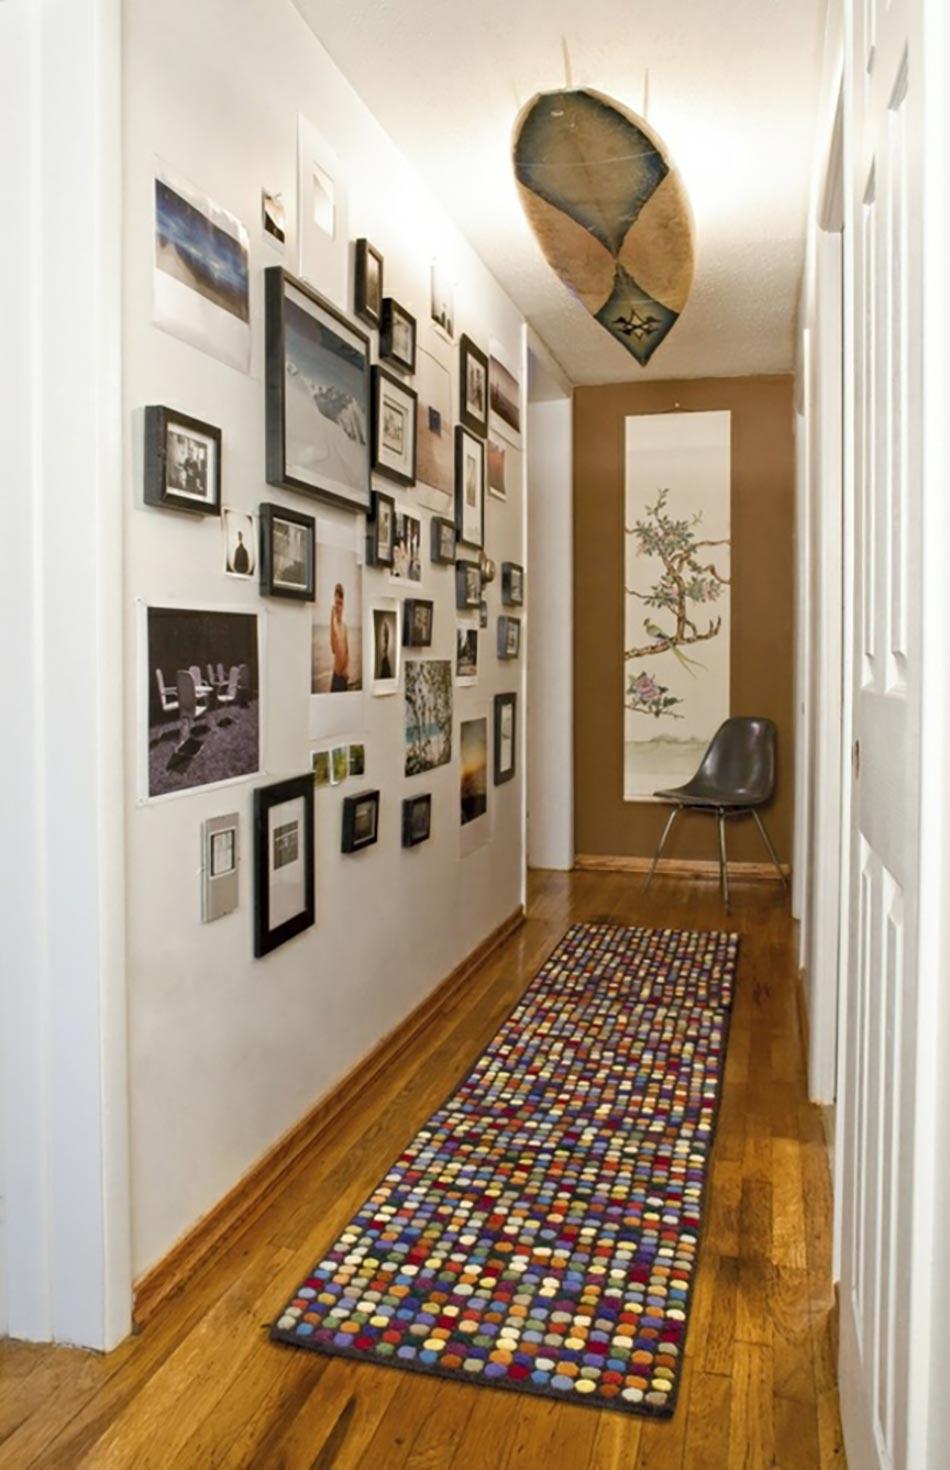 des id es de d coration pour nos couloirs design feria. Black Bedroom Furniture Sets. Home Design Ideas